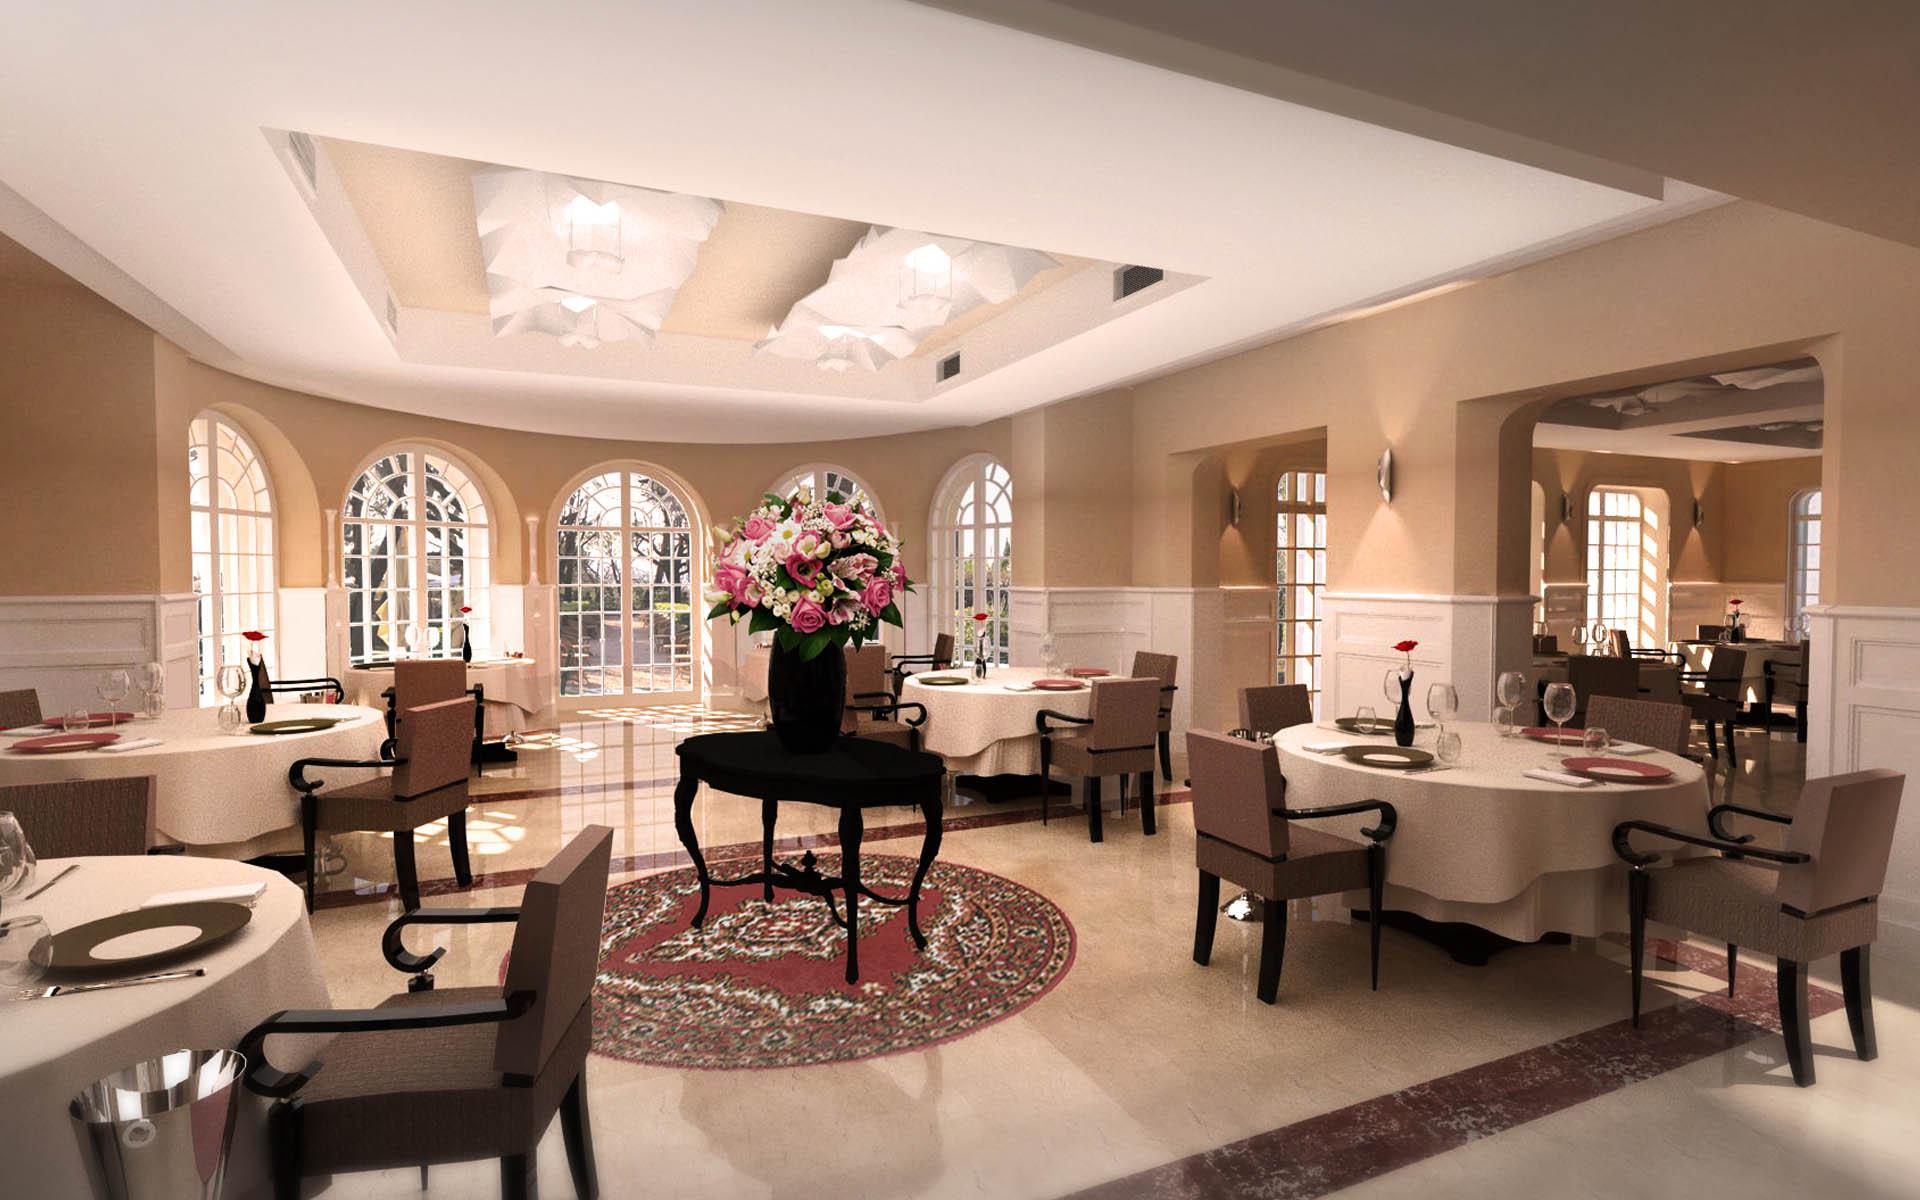 Architecte intérieur Hotel - Aix en provence 23